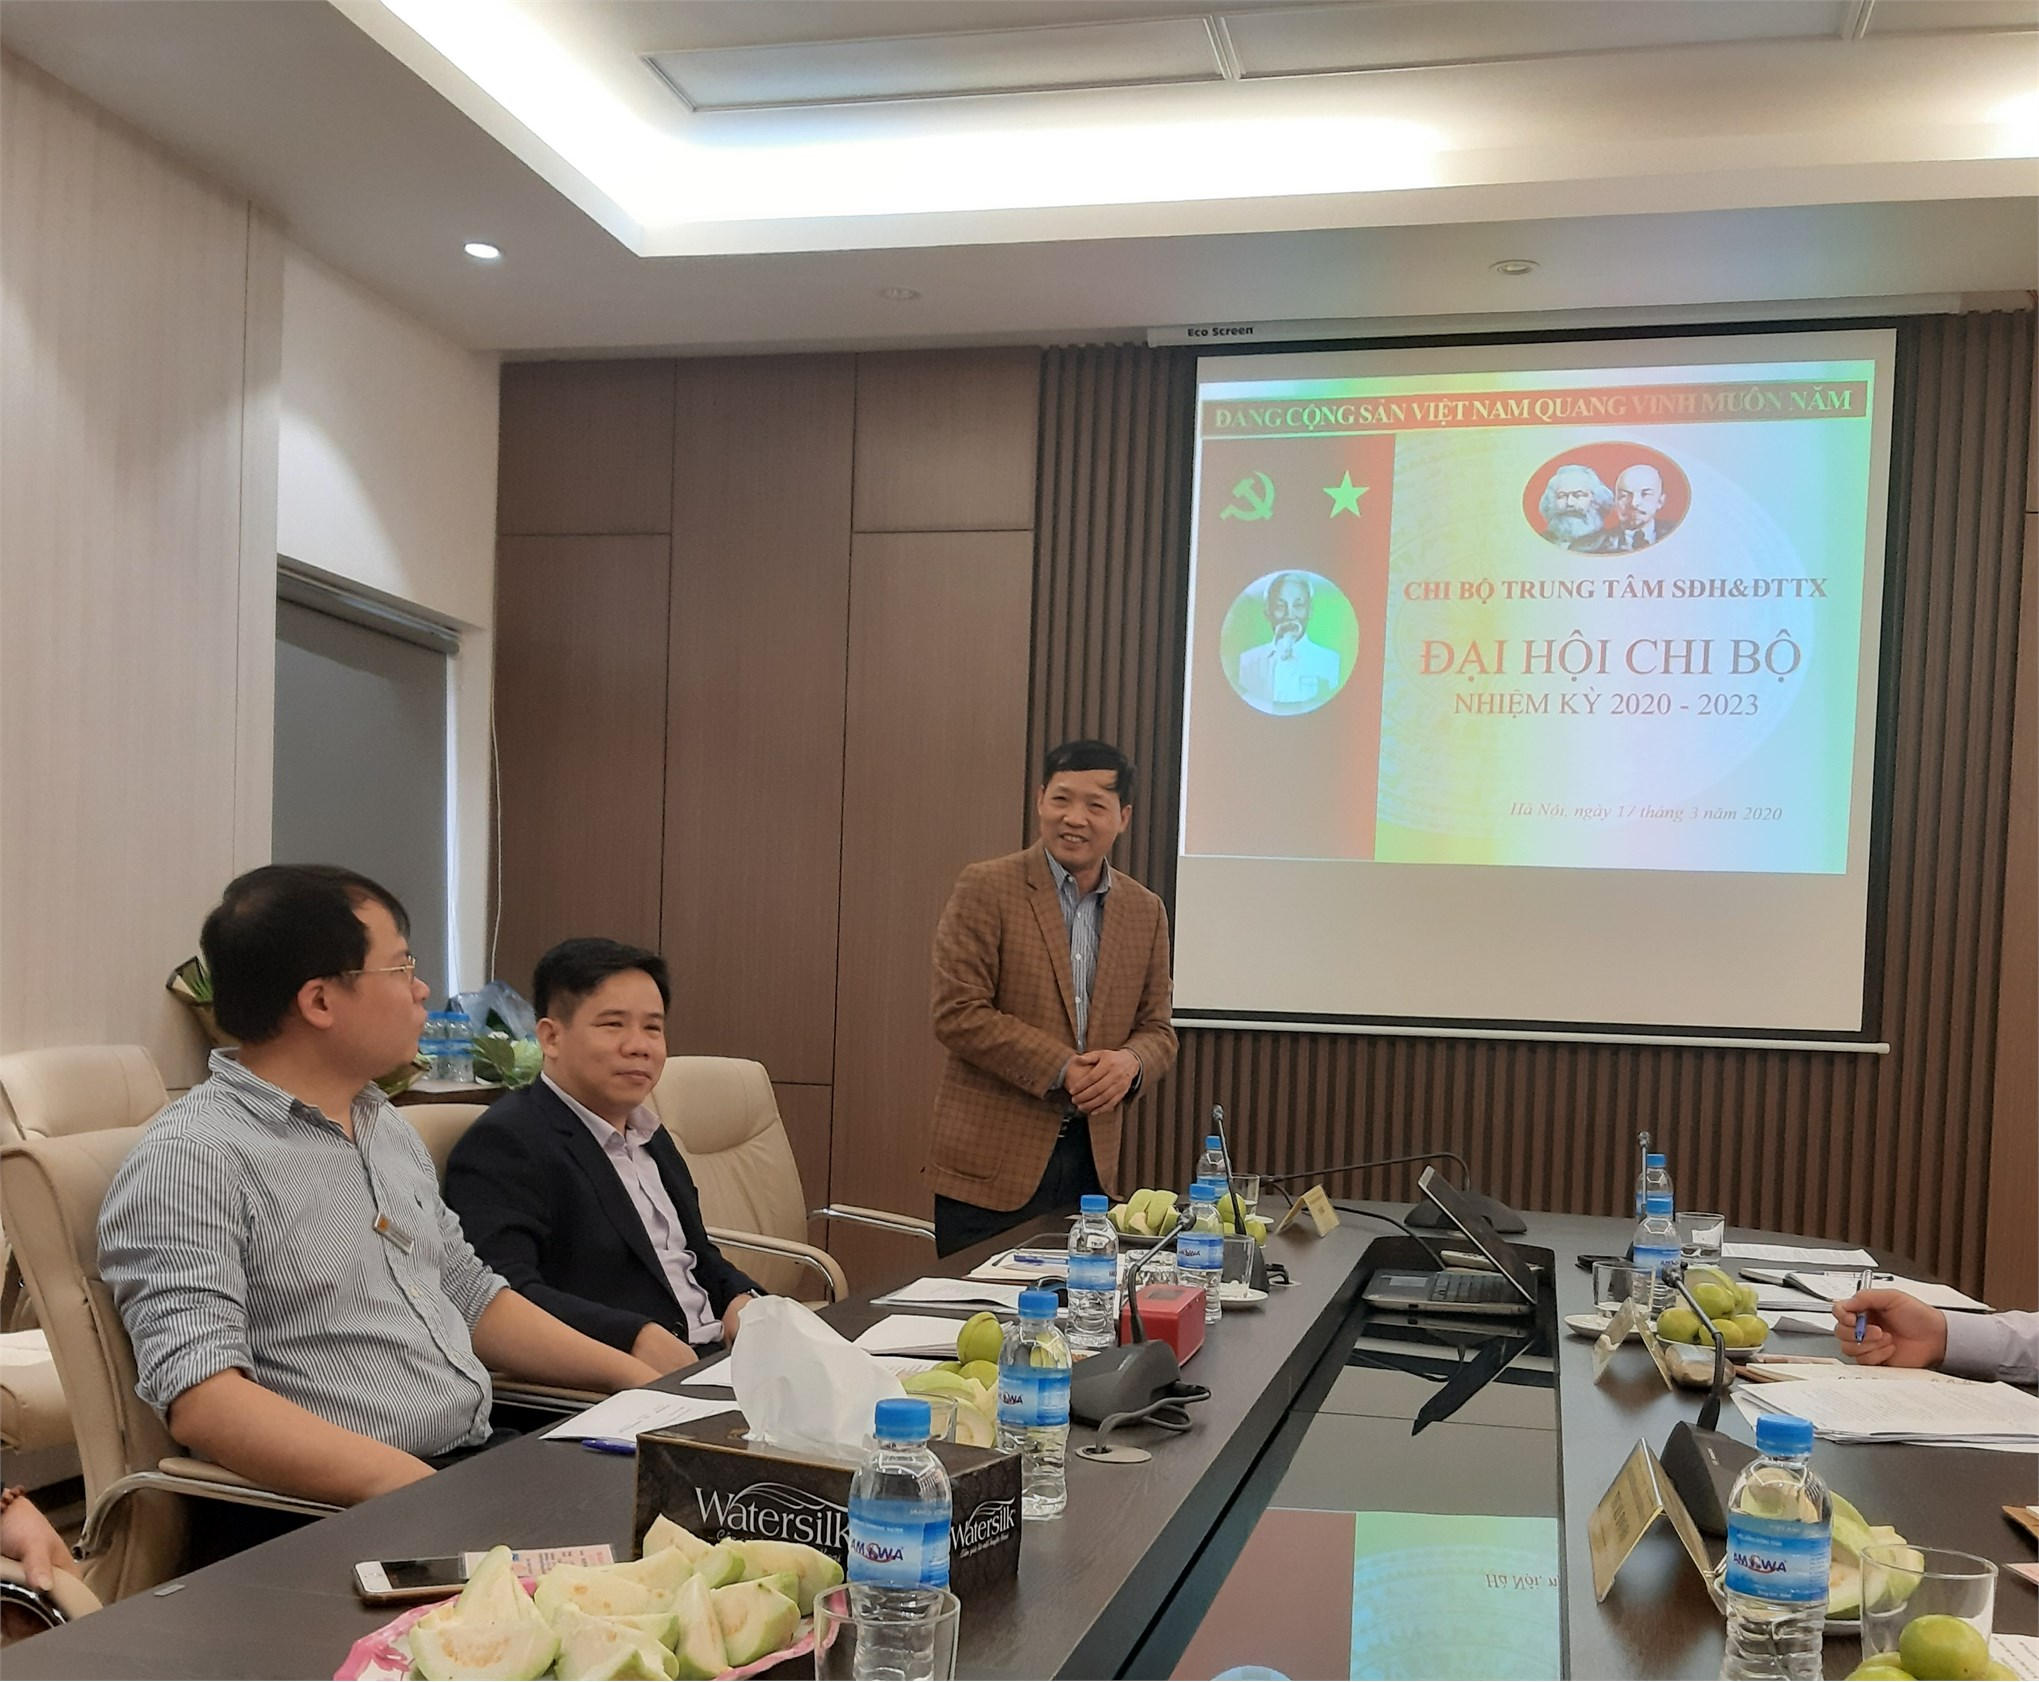 Đại hội Chi bộ Trung tâm Sau đại học và Đào tạo thường xuyên, nhiệm kỳ 2020-2023.